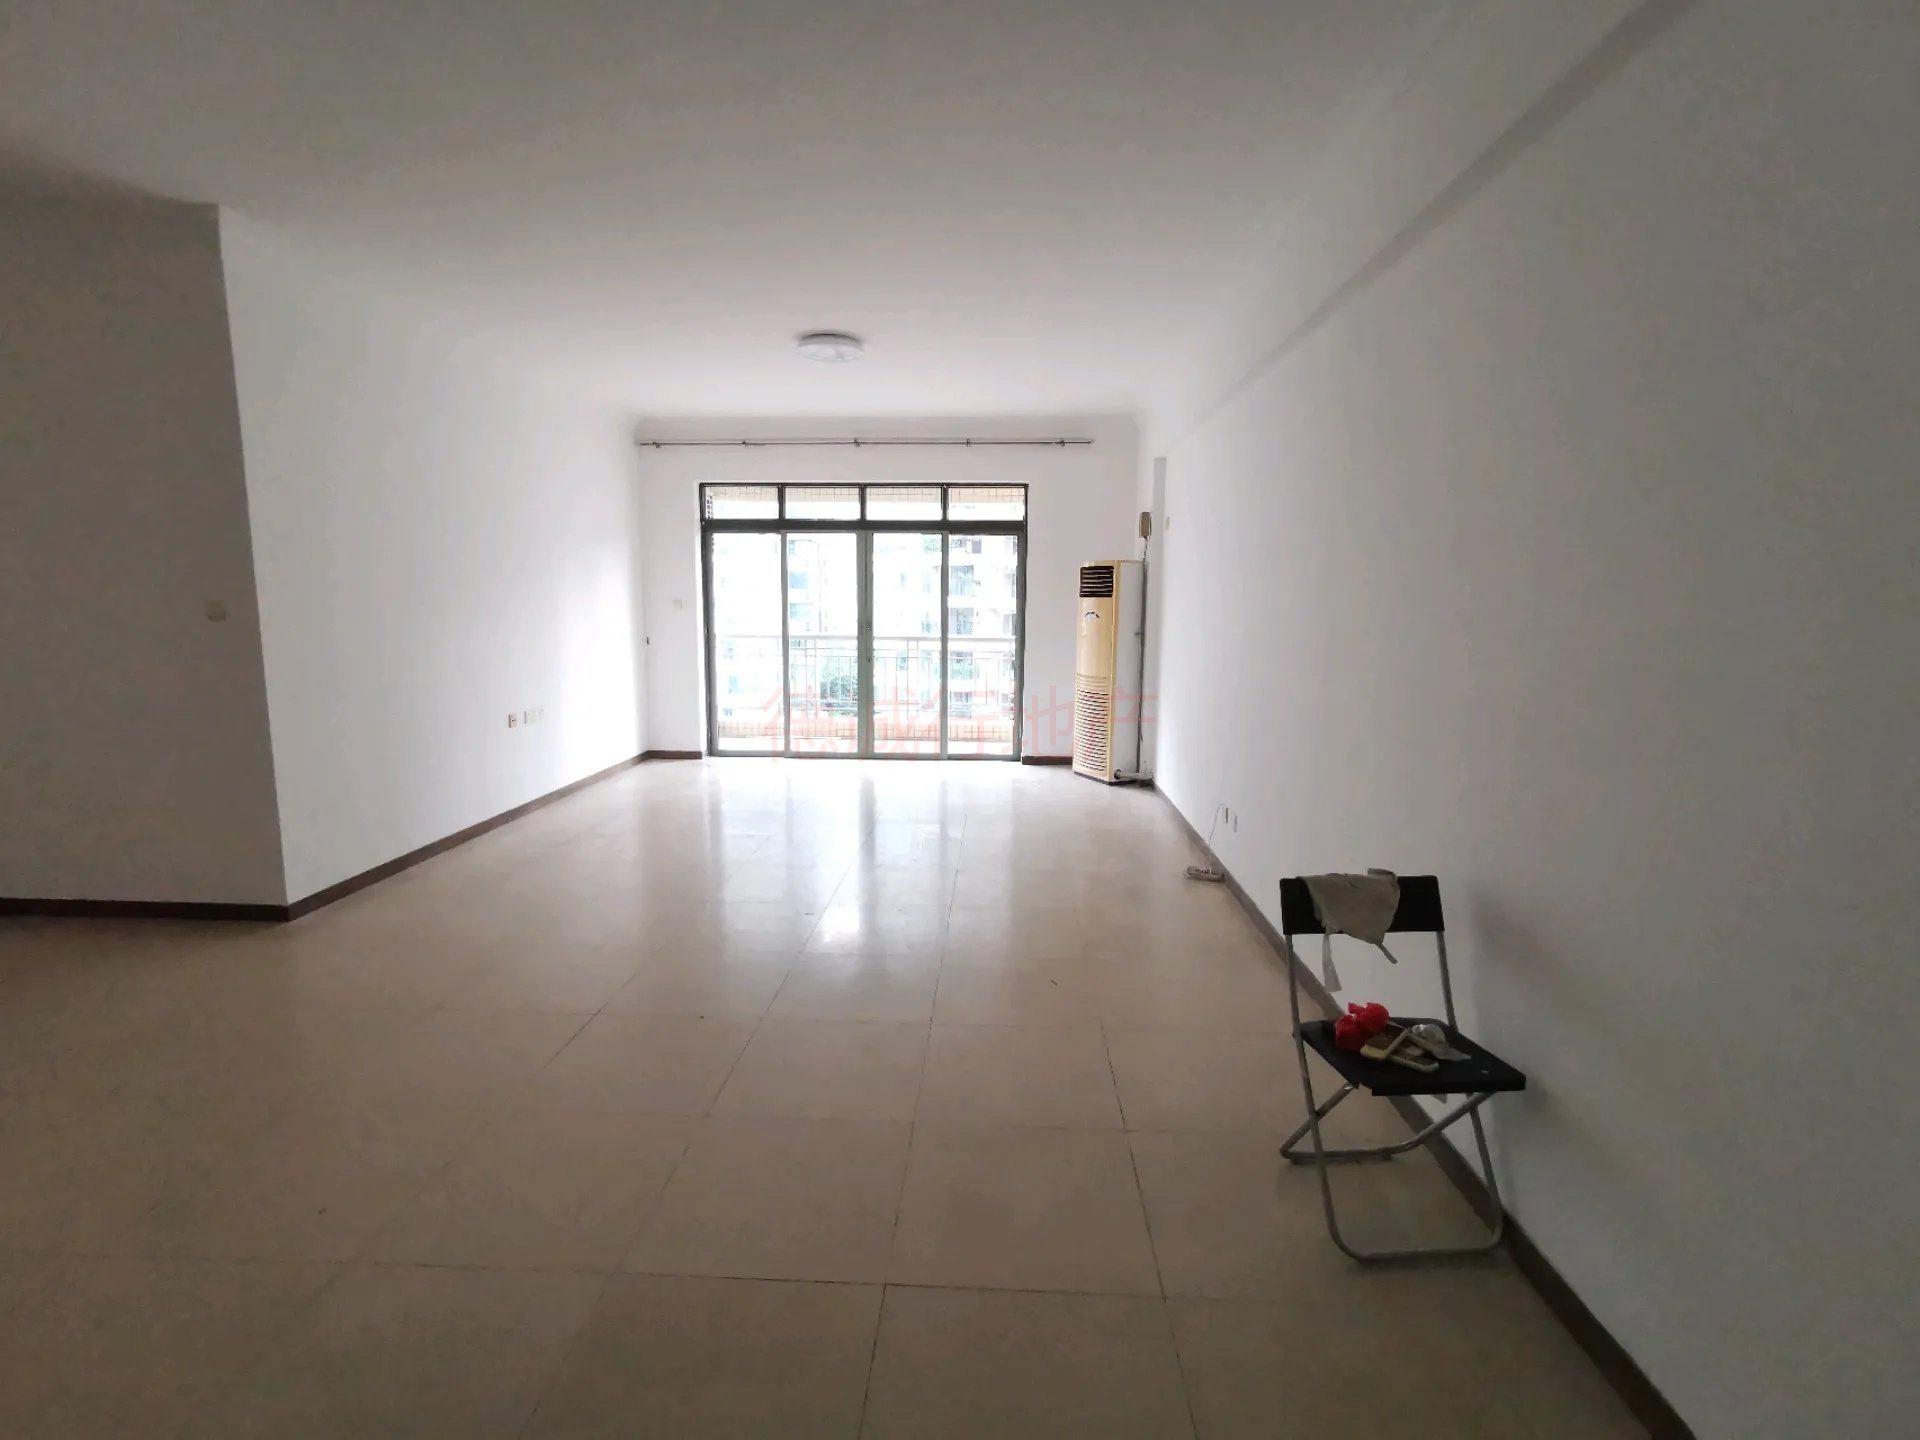 广州雅居乐 雅悦庭 性价比高4房 西南向